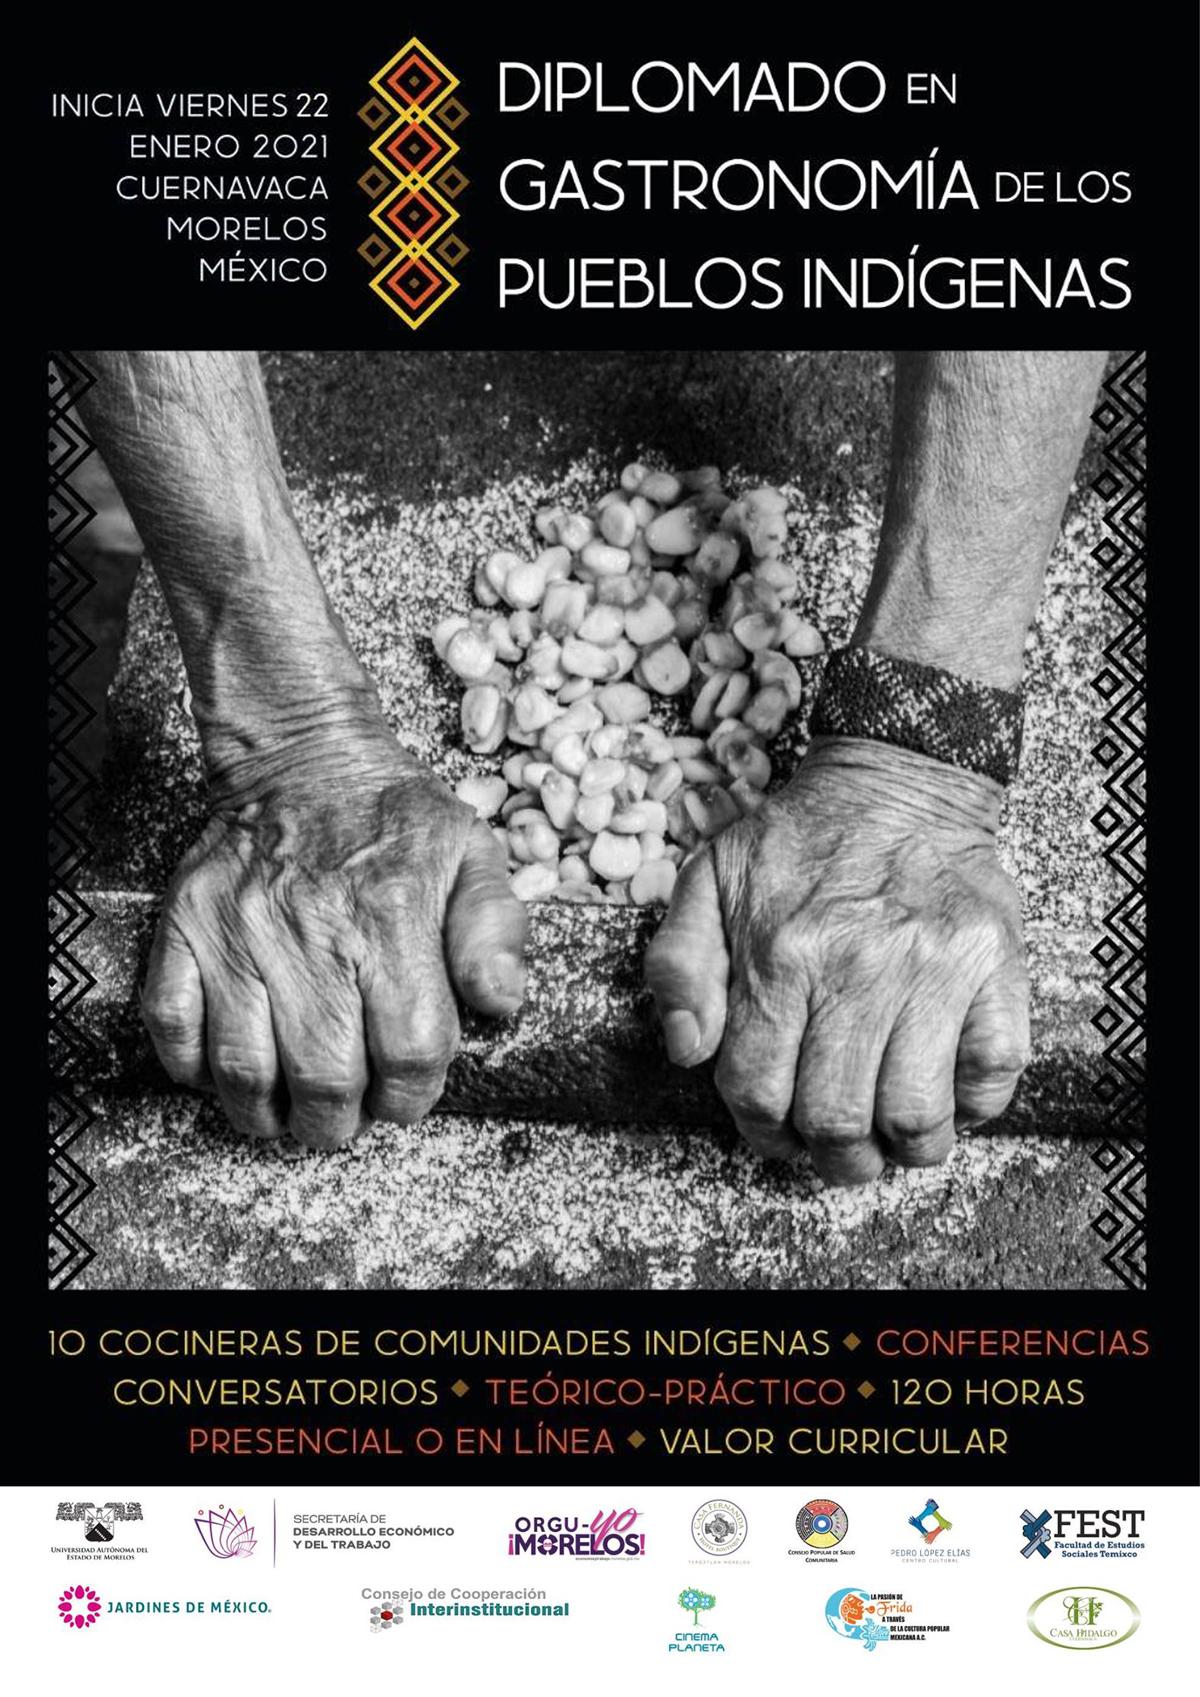 ON-LINE | Diplomado en Gastronomía los Pueblos Indígenas (Classes in Spanish)